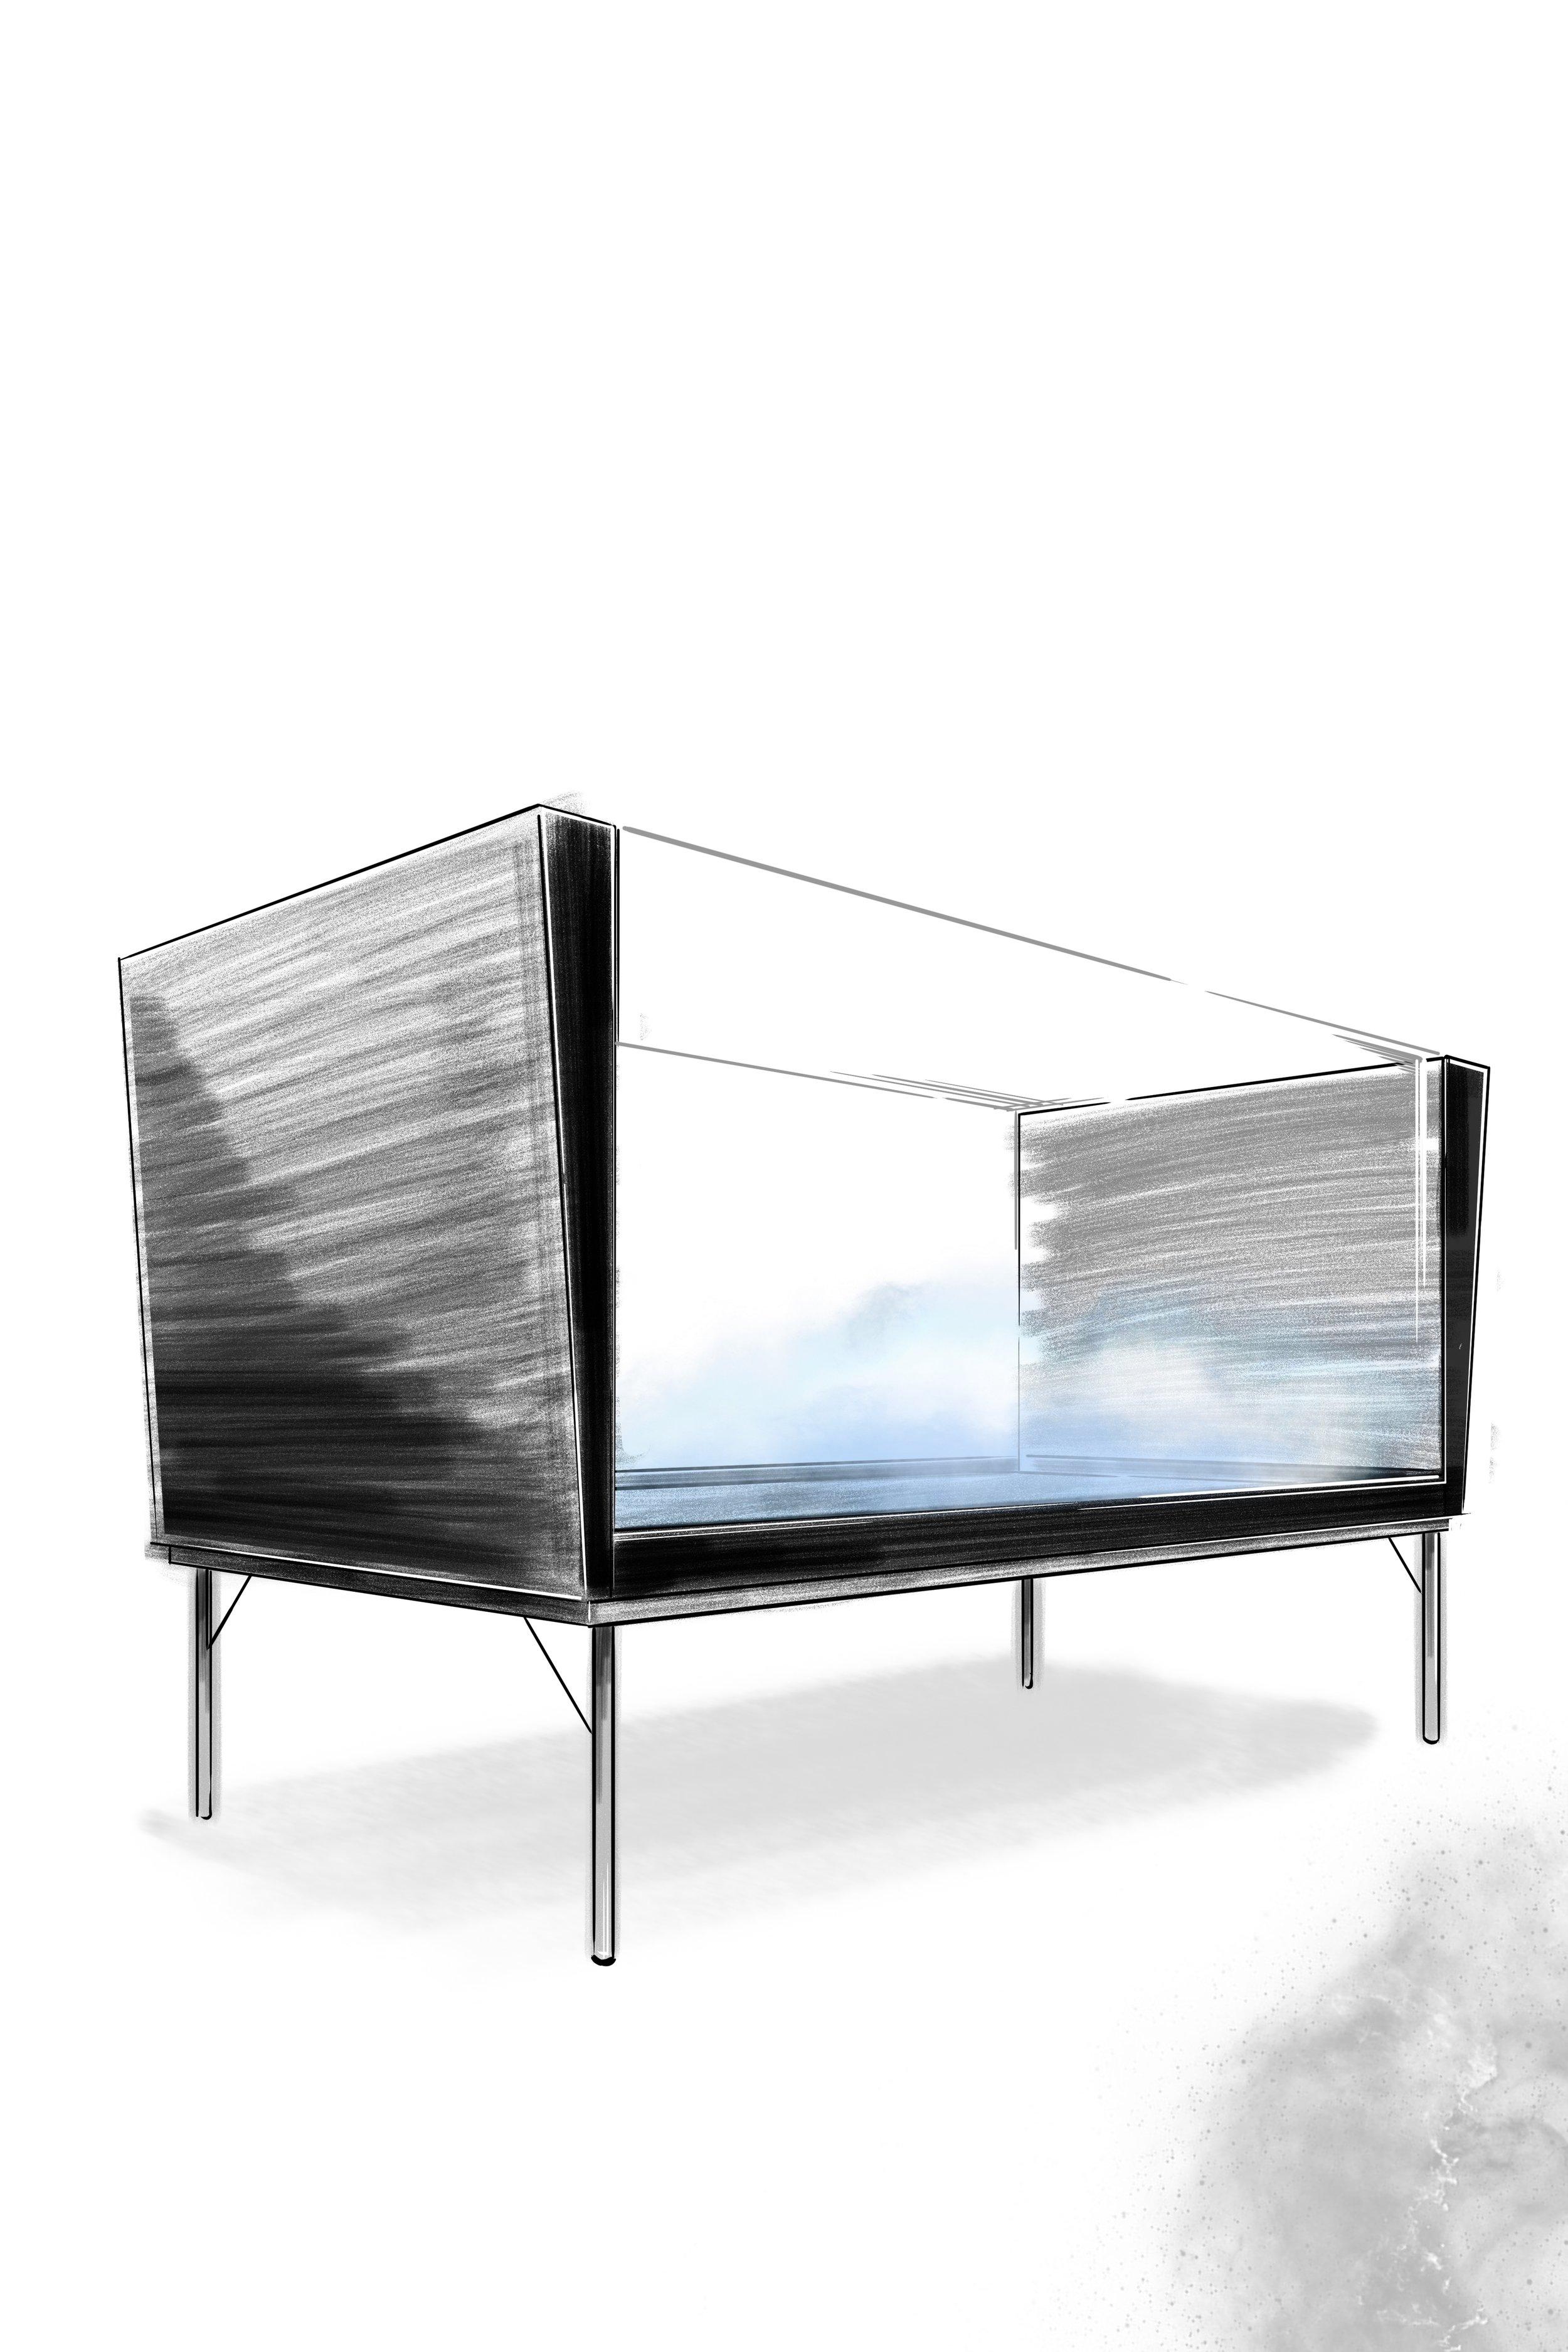 ind-sketch1.jpg